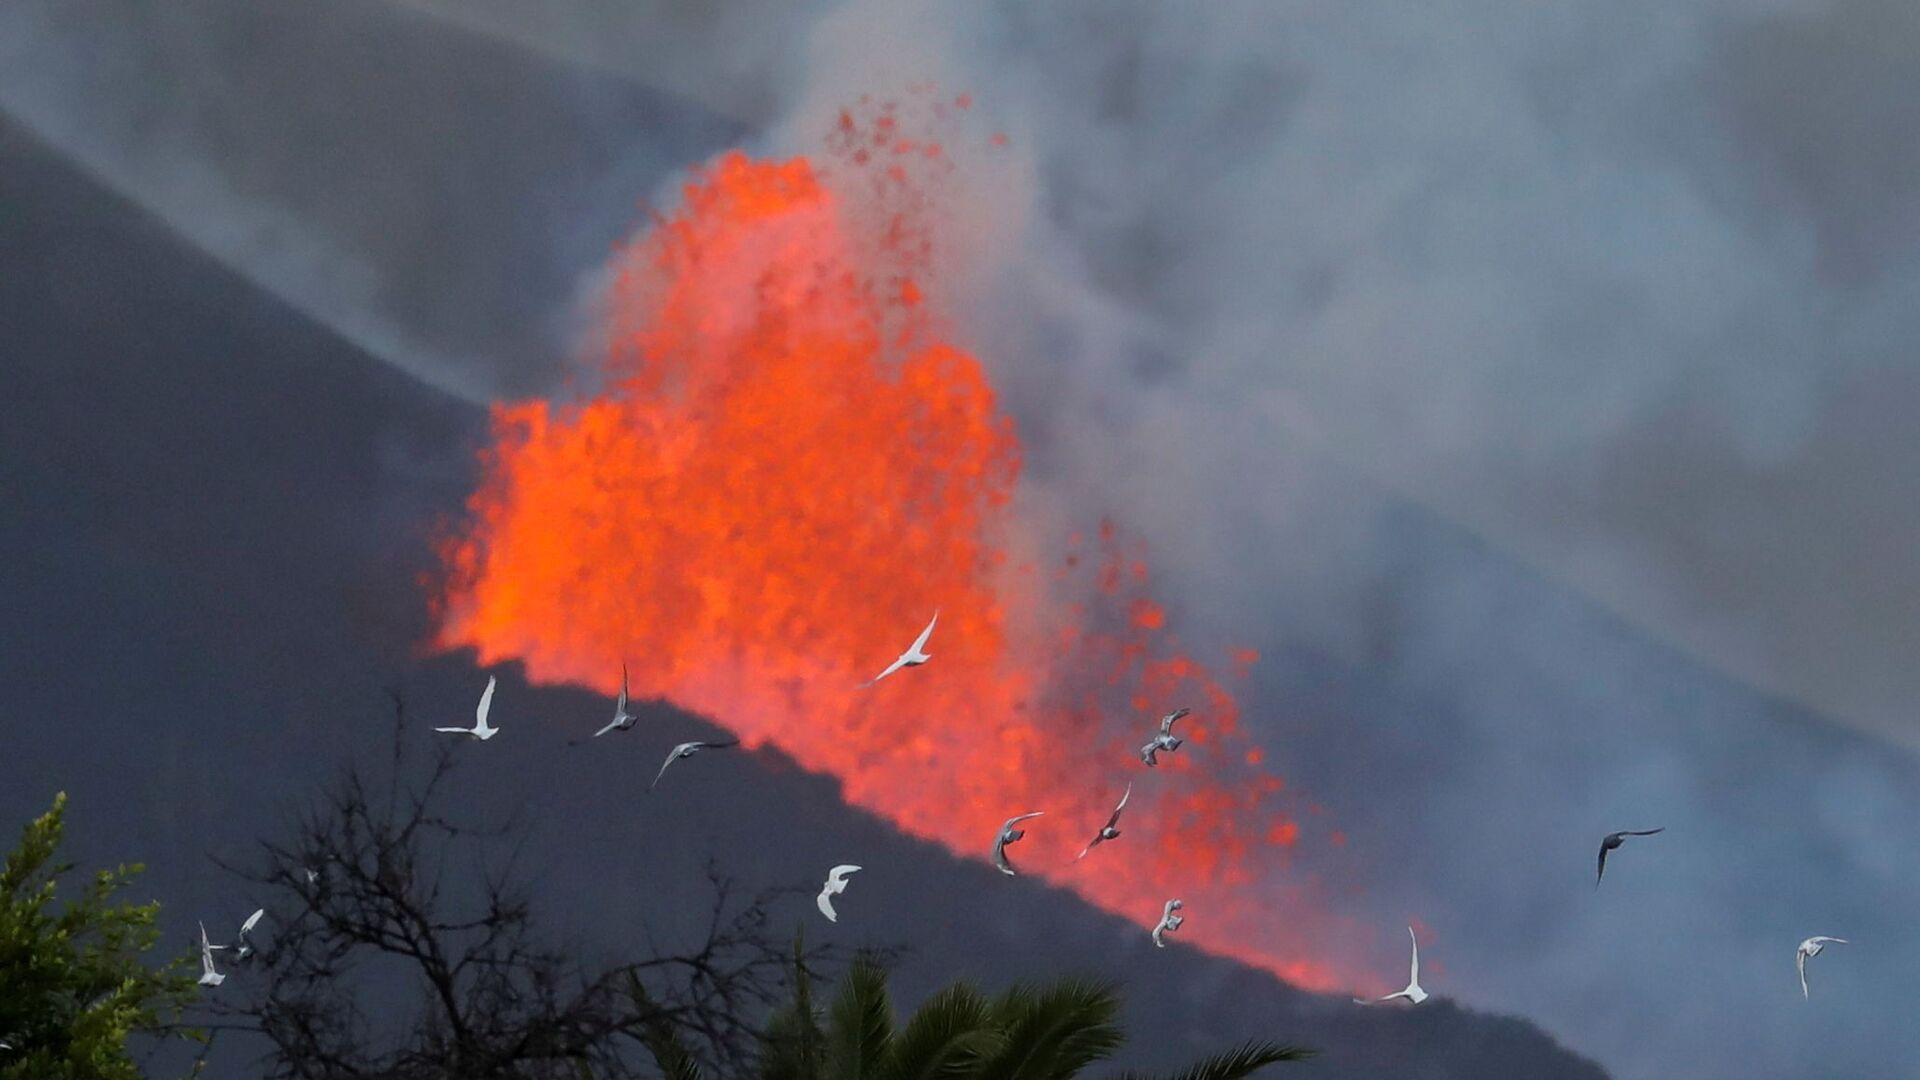 Голуби на фоне лавы после извержения вулкана на канарском острове Ла-Пальма  - Sputnik Србија, 1920, 05.10.2021